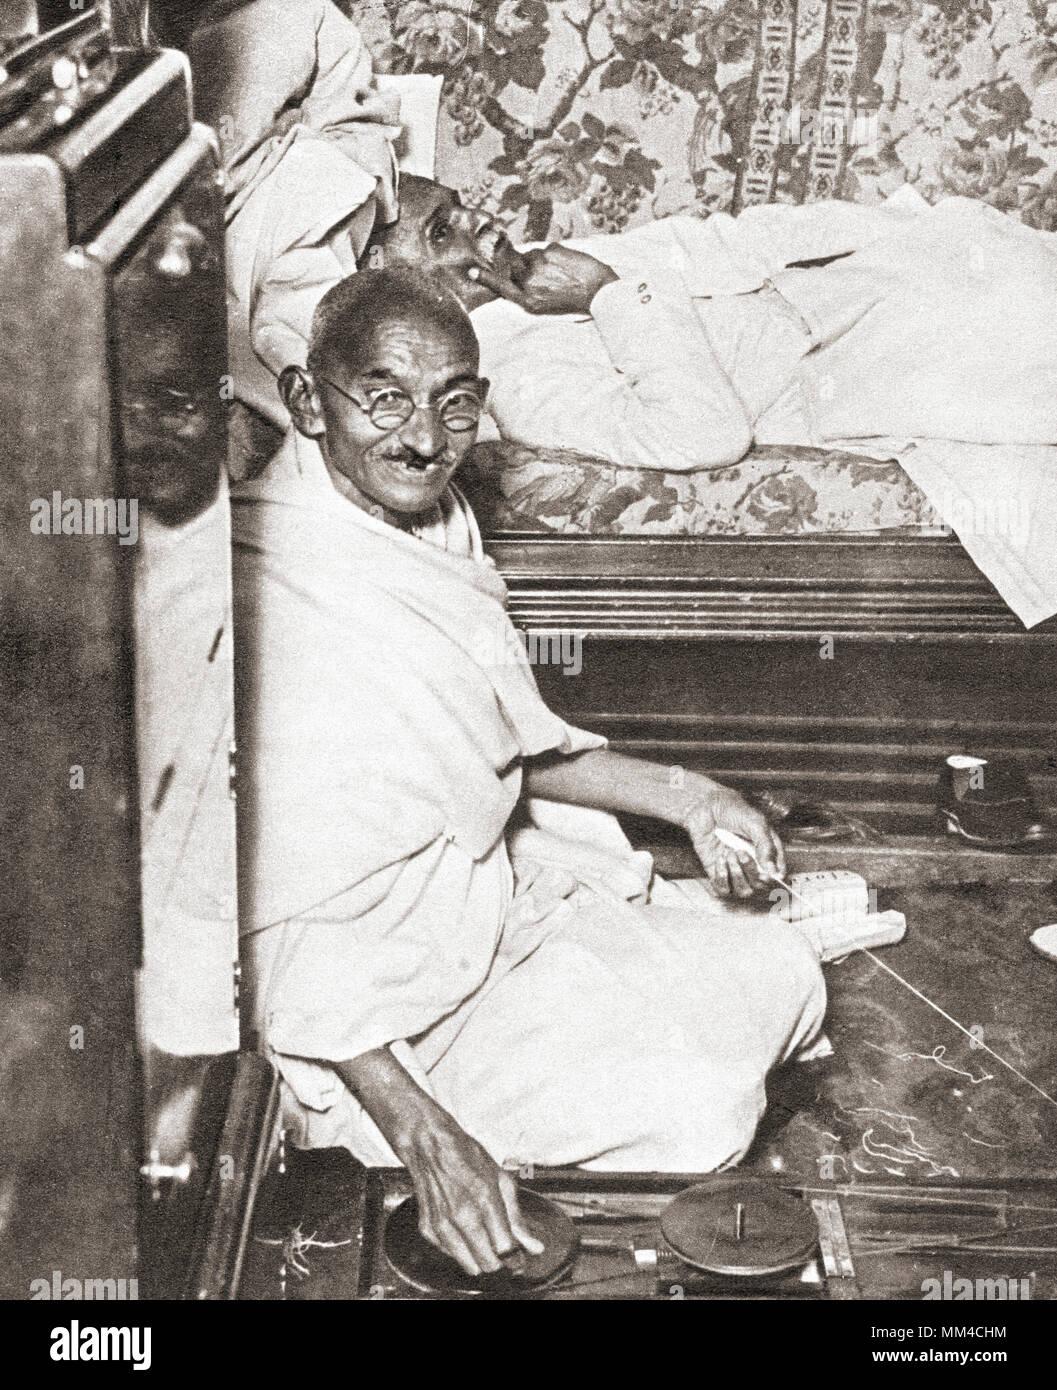 Mohandas Karamchand Gandhi, Mahatma Gandhi, 1869 - 1948. Die indische Aktivistin, Führer der indischen Unabhängigkeitsbewegung gegen die britische Herrschaft. Hier an der Konferenz am Runden Tisch, 1931 gesehen. Auf dem Fußboden neben ihm ist sein Spinnrad, ein Symbol von seinem Versuch, die indische Industrie auf Kosten der britischen Handel wieder zu beleben. Aus dem Festzug des Jahrhunderts, veröffentlicht 1934 Stockbild